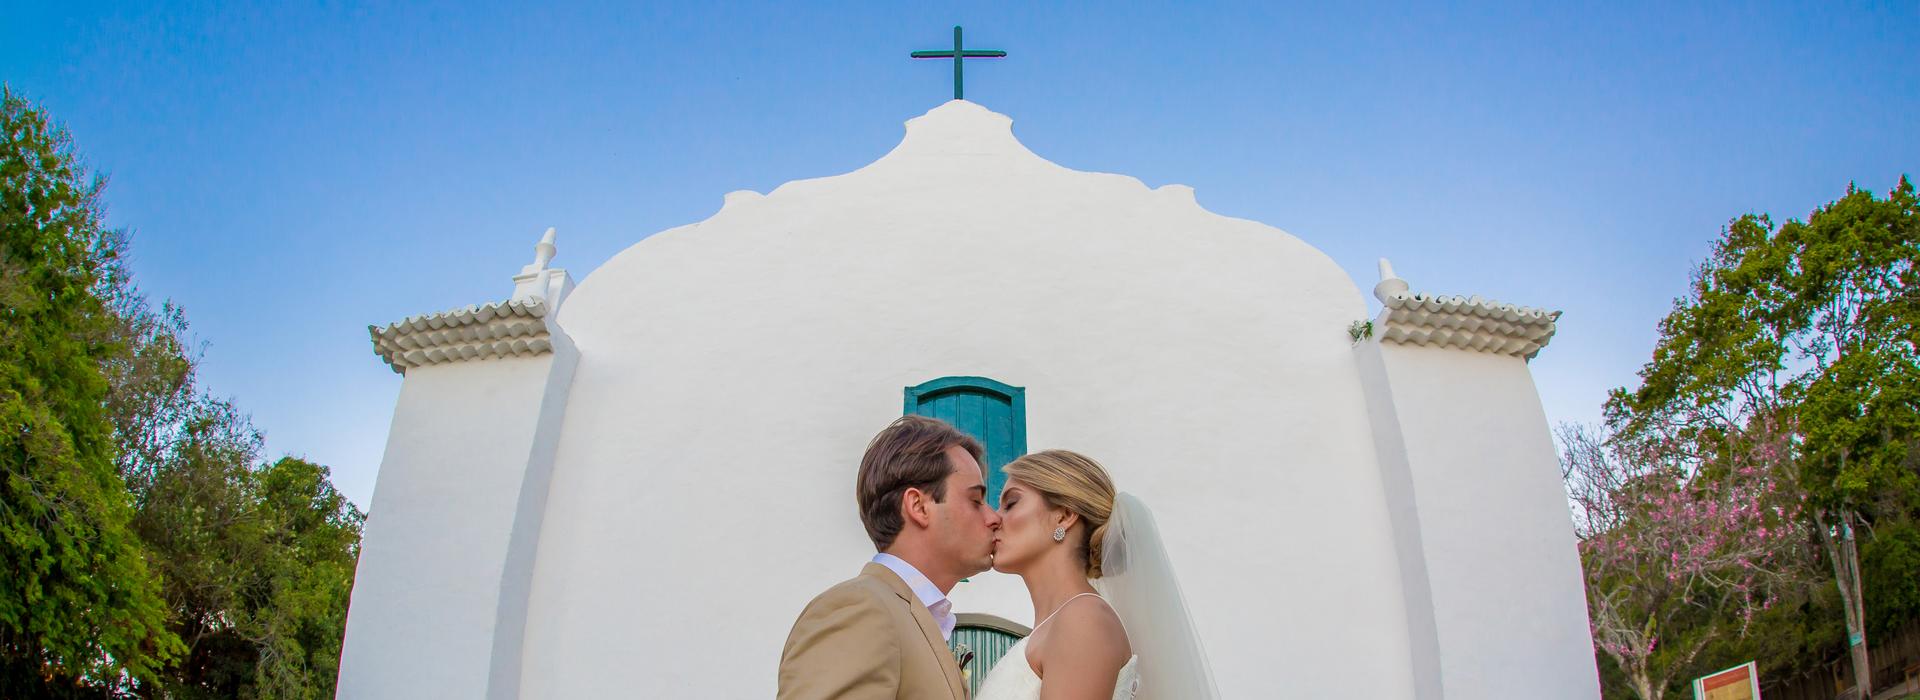 Casamento de Taynara & Júnior em Trancoso - Bahia